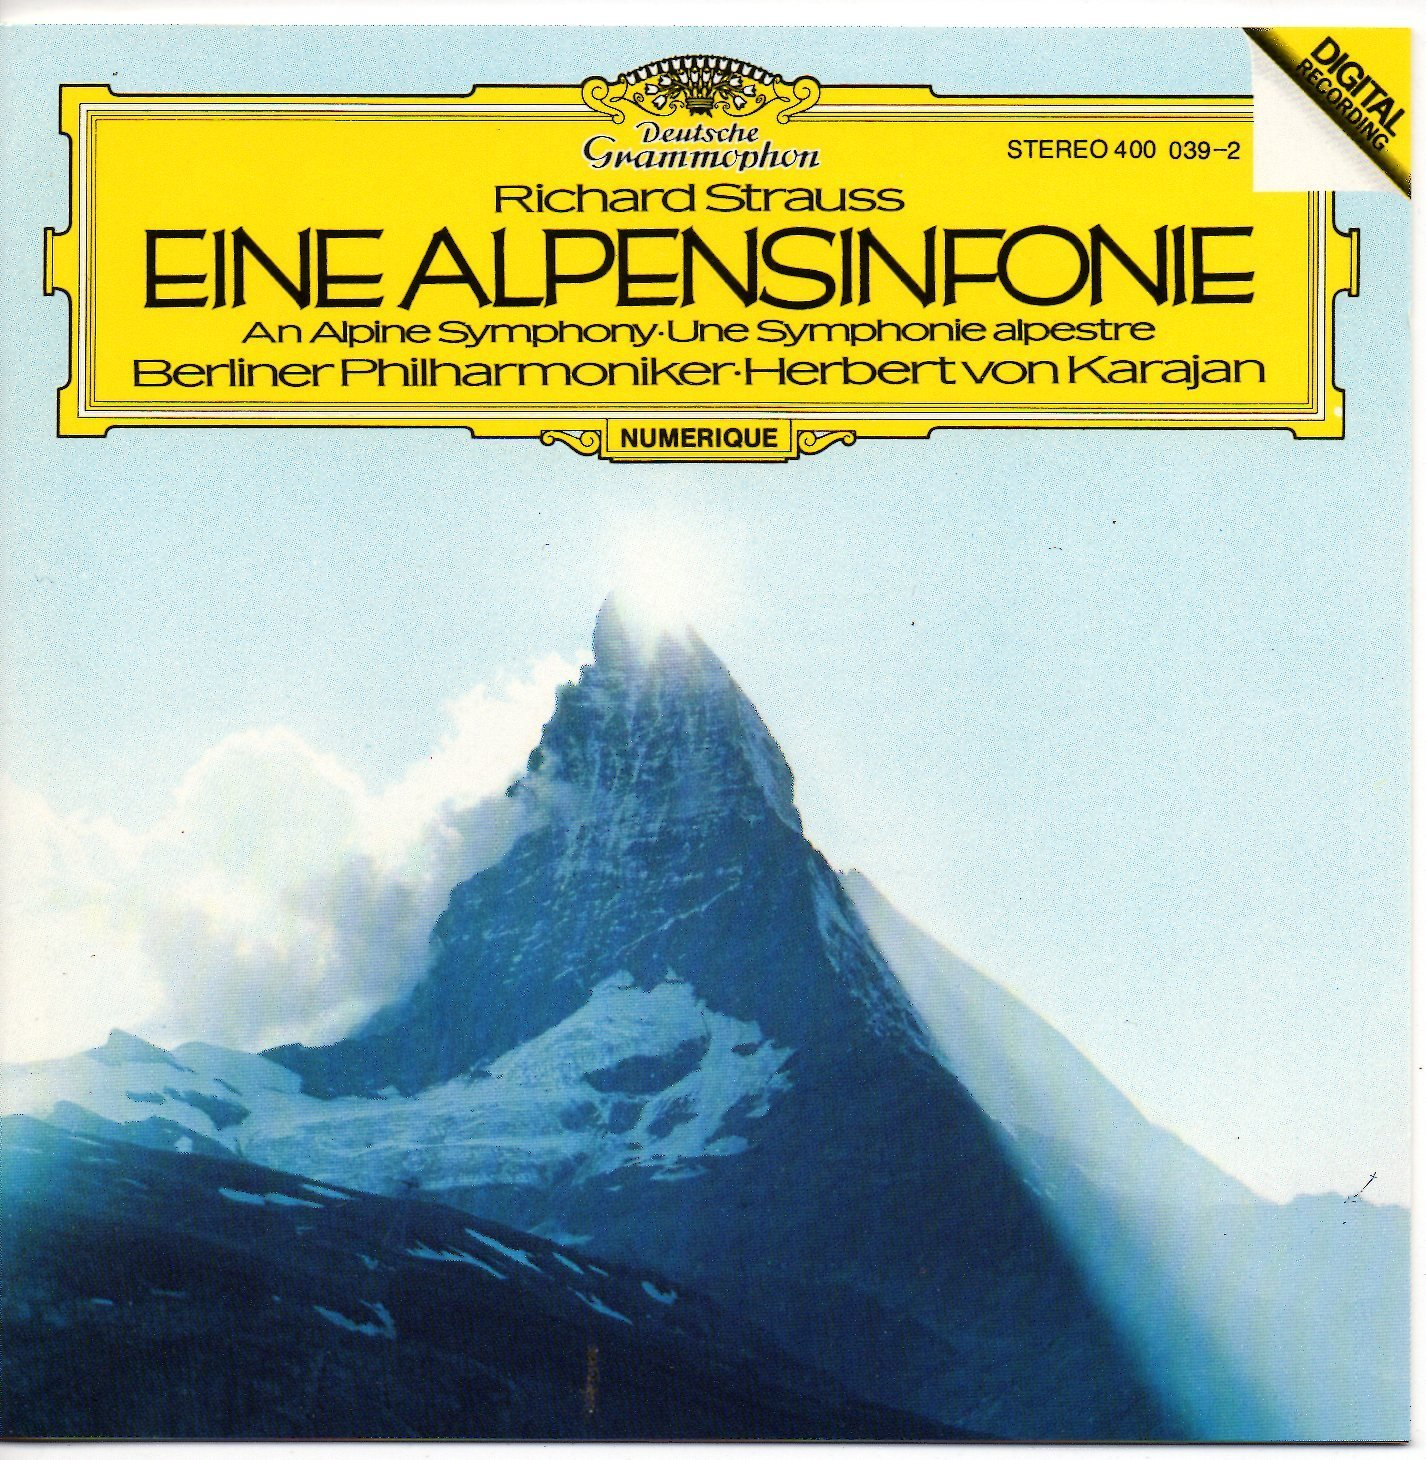 Richard Strauss, Herbert von Karajan, Berliner Philharmoniker - Richard Strauss: Eine Alpensinfonie; an Alpine Symphony - Amazon.com Music